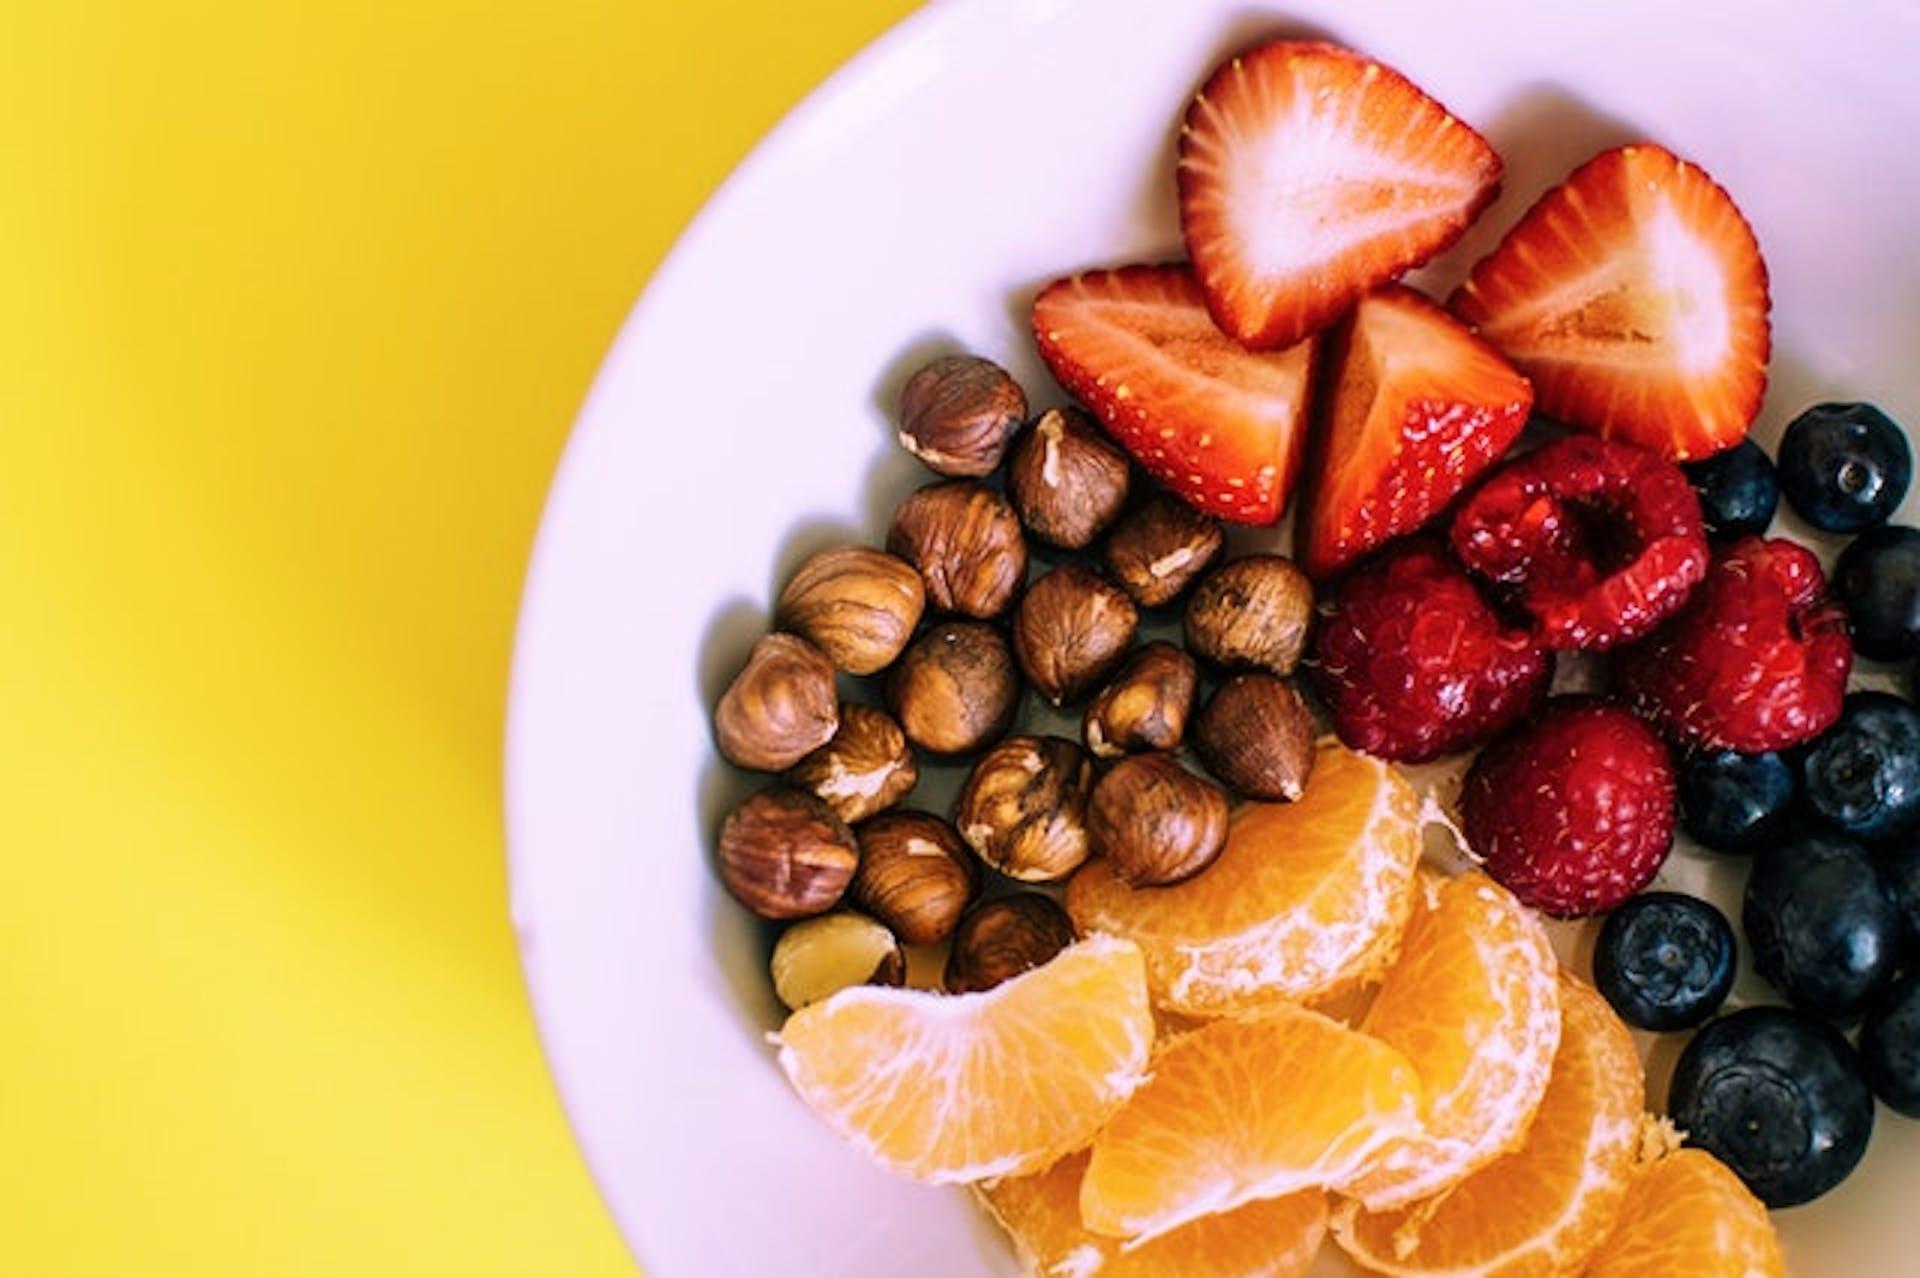 ¡Sal de dudas! ¿Qué son los snacks y qué tan cierto es que aceleran el metabolismo?